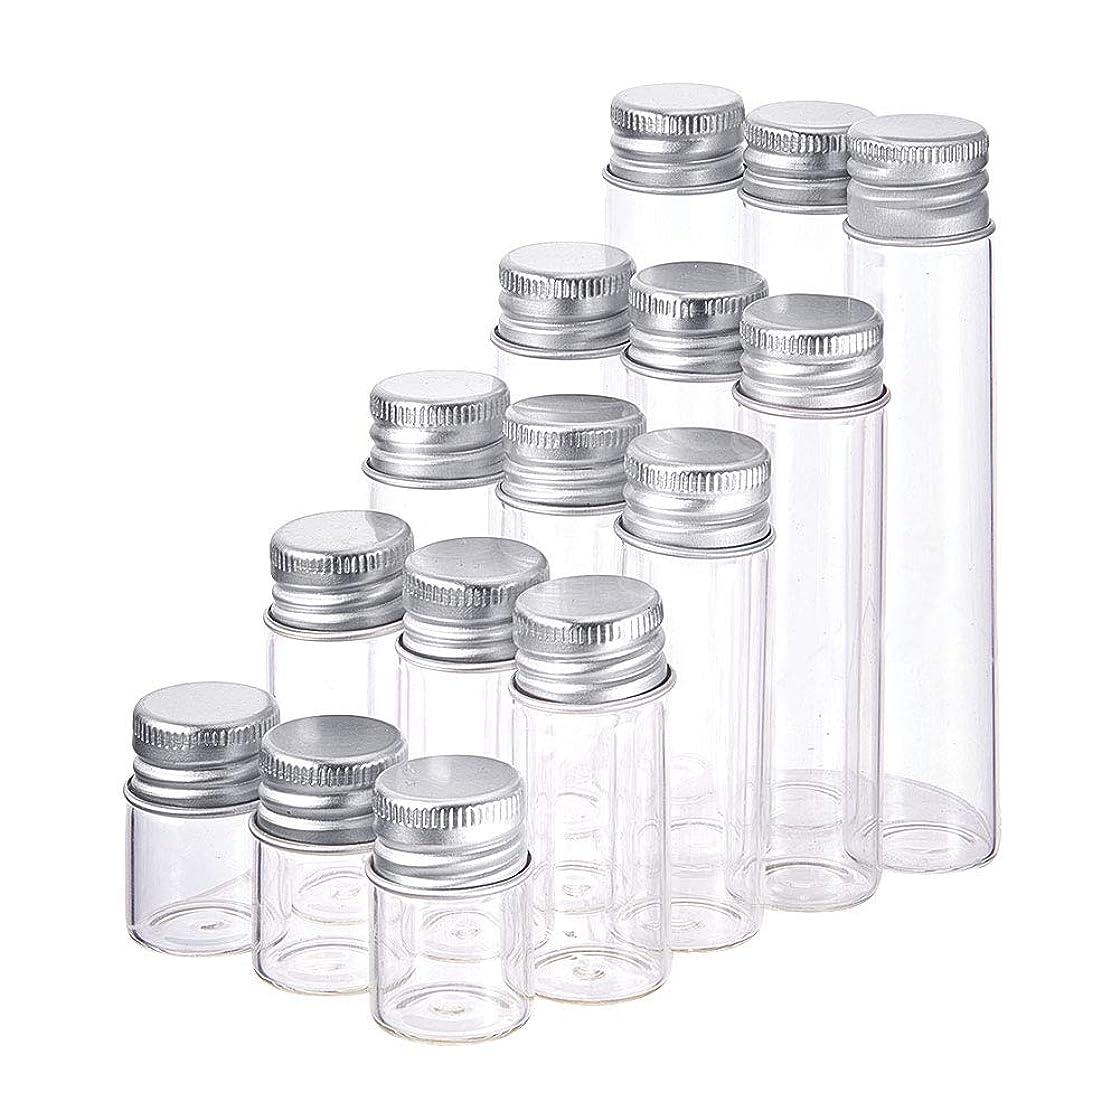 測る怒りケントBENECREAT 15個ガラスボトル 5つサイズ アルミ蓋つき 透明ガラスボトル ガラス小分けボトル パーツ?小物入れボトル スパイスボトル